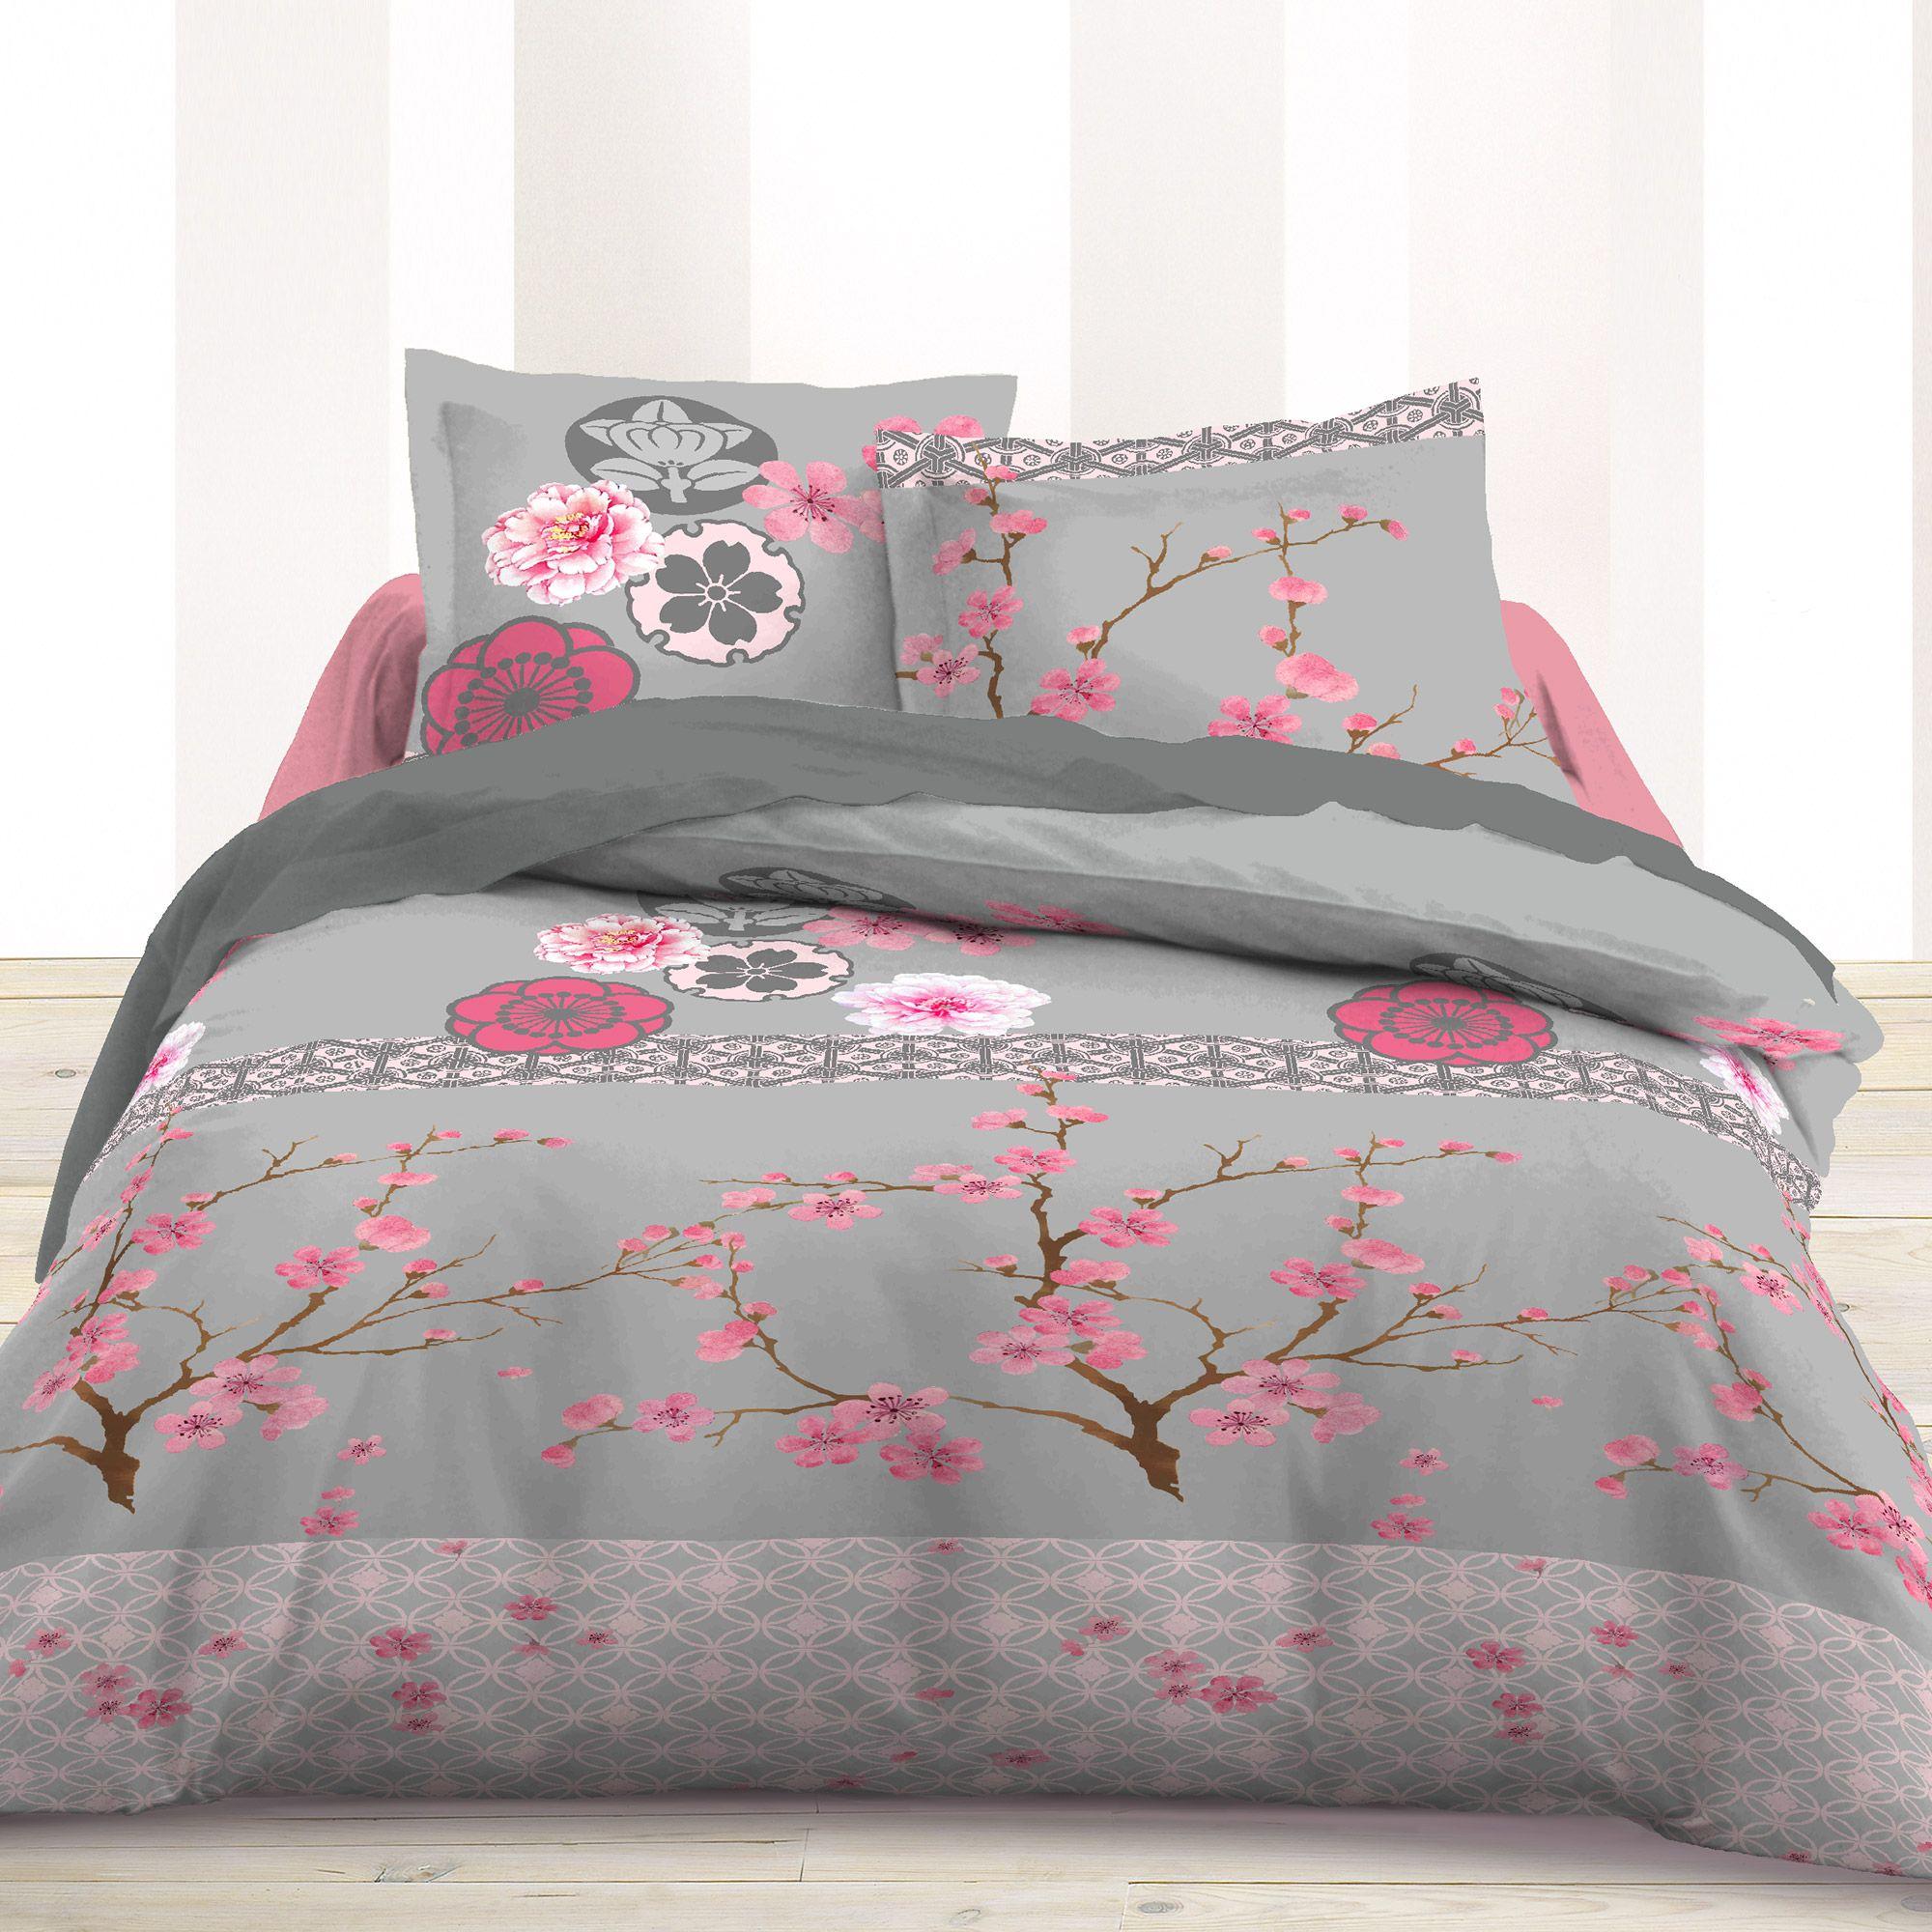 parure de couette sakura avec fleurs de cerisier fleurs de cerisier pinterest fleur de. Black Bedroom Furniture Sets. Home Design Ideas